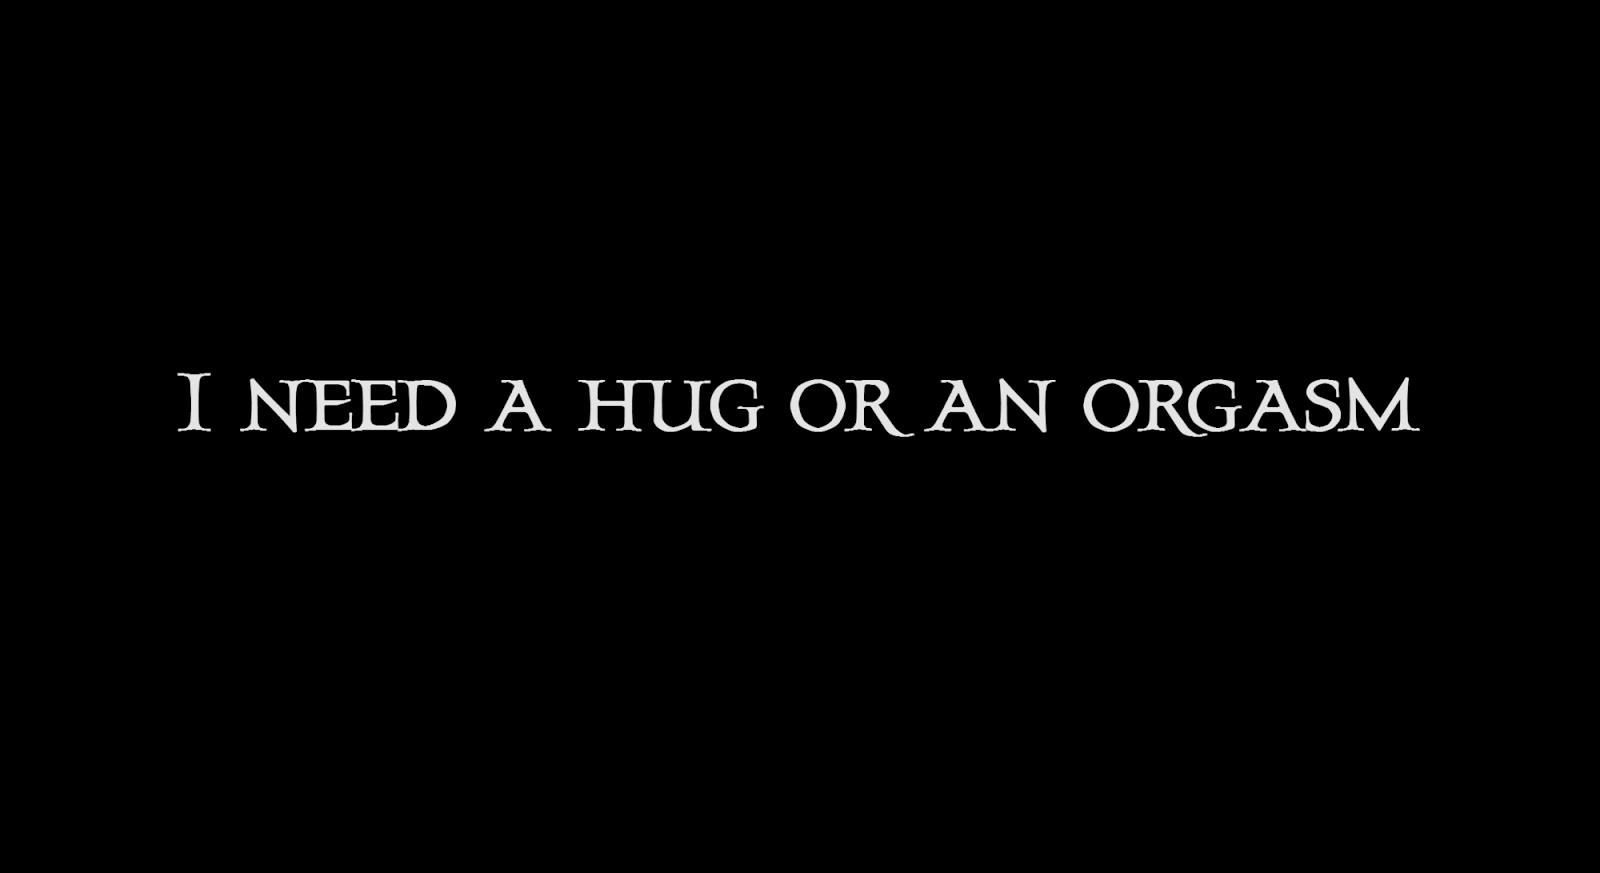 I need a hug or an orgasm.